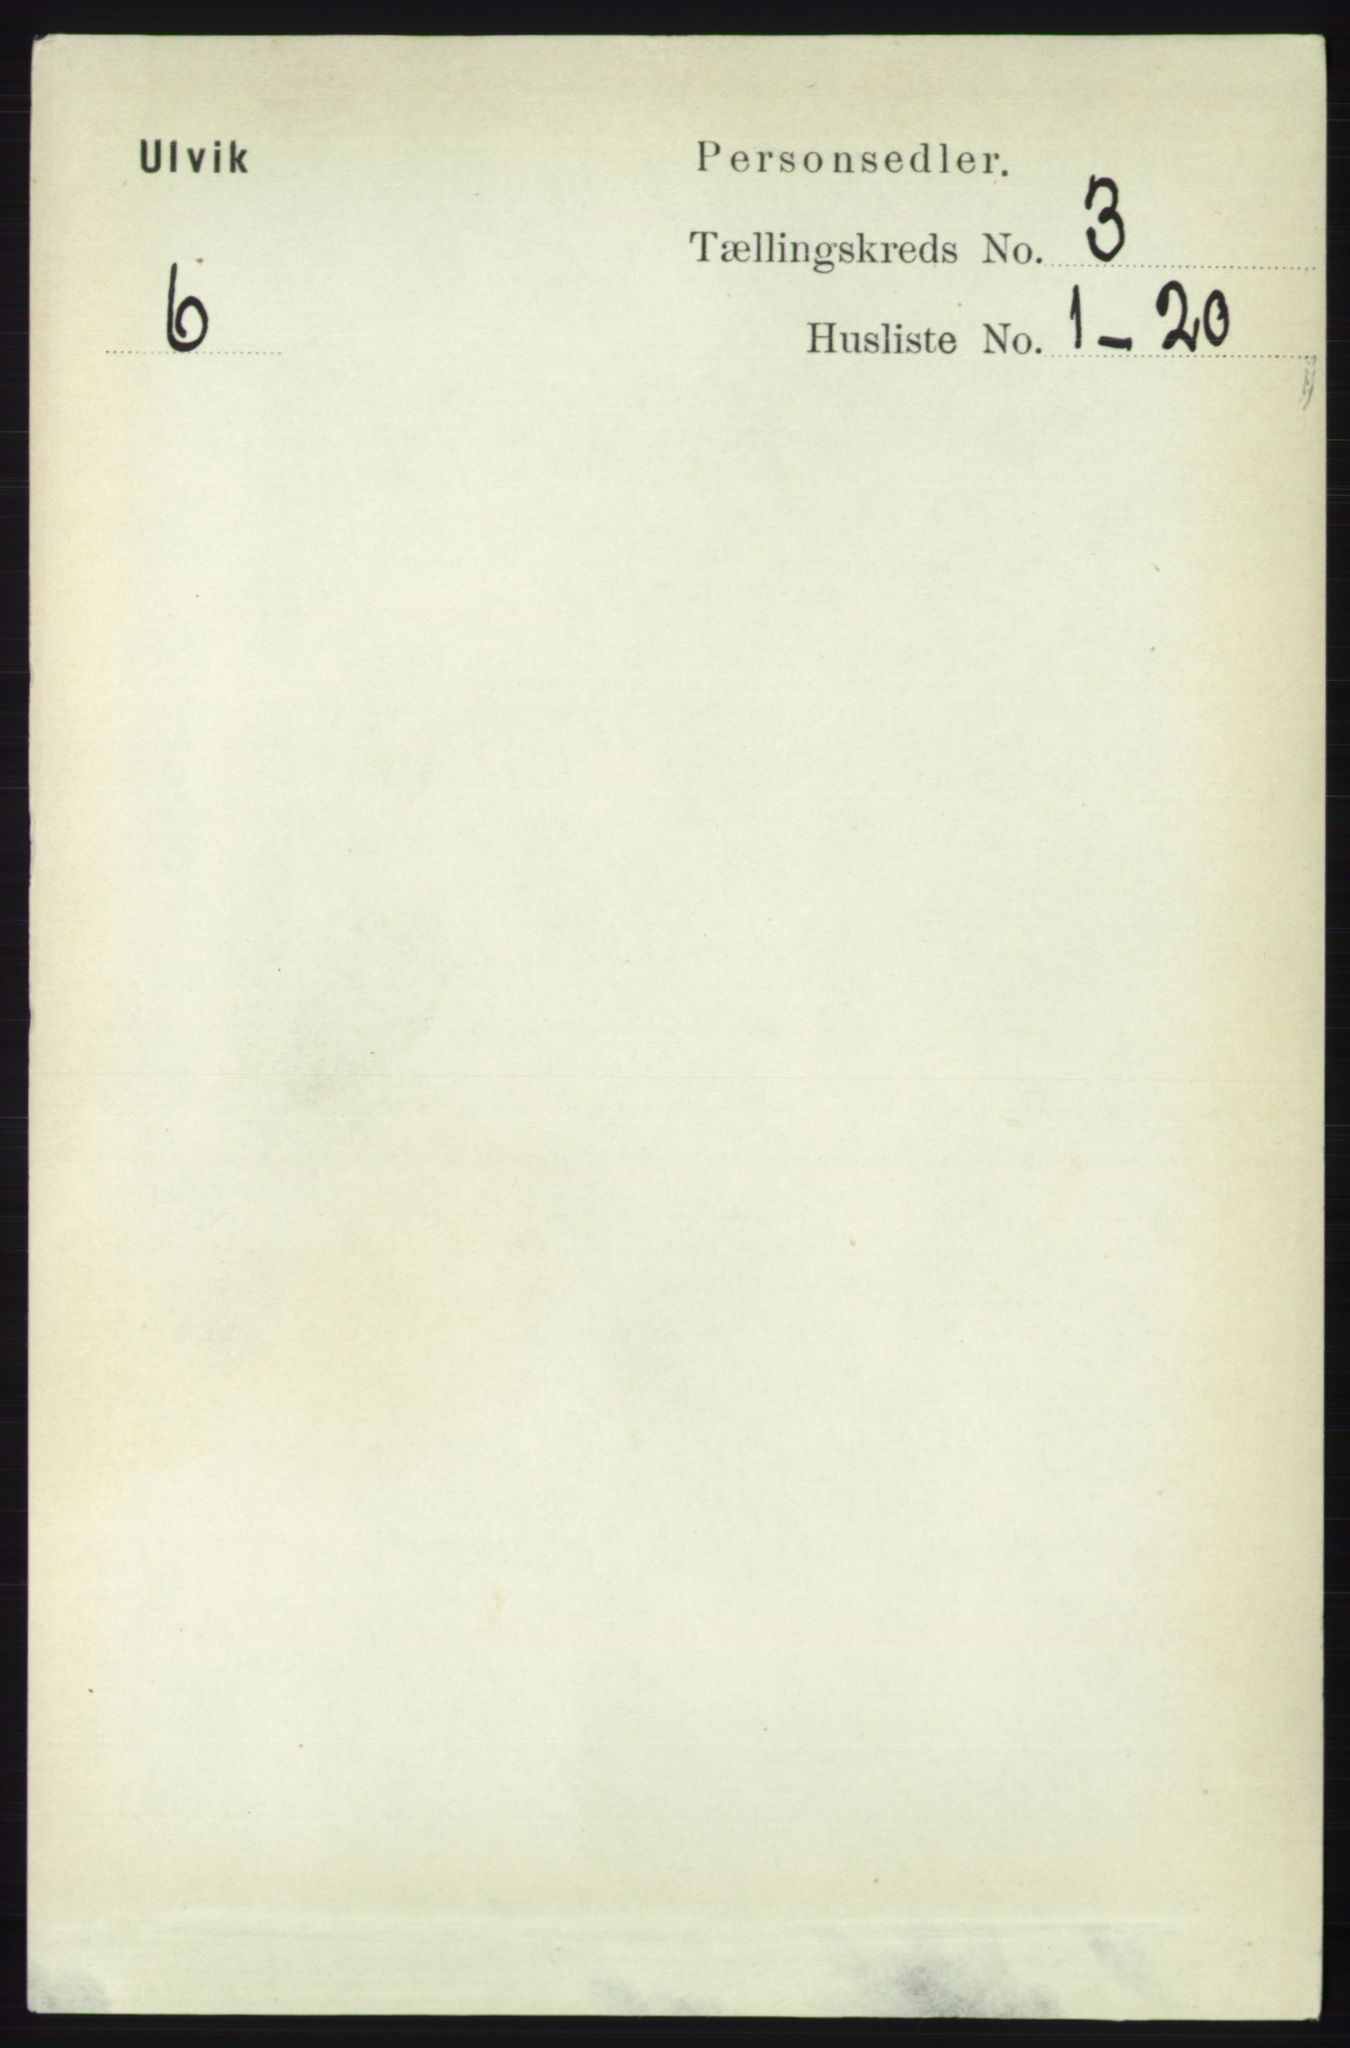 RA, Folketelling 1891 for 1233 Ulvik herred, 1891, s. 337